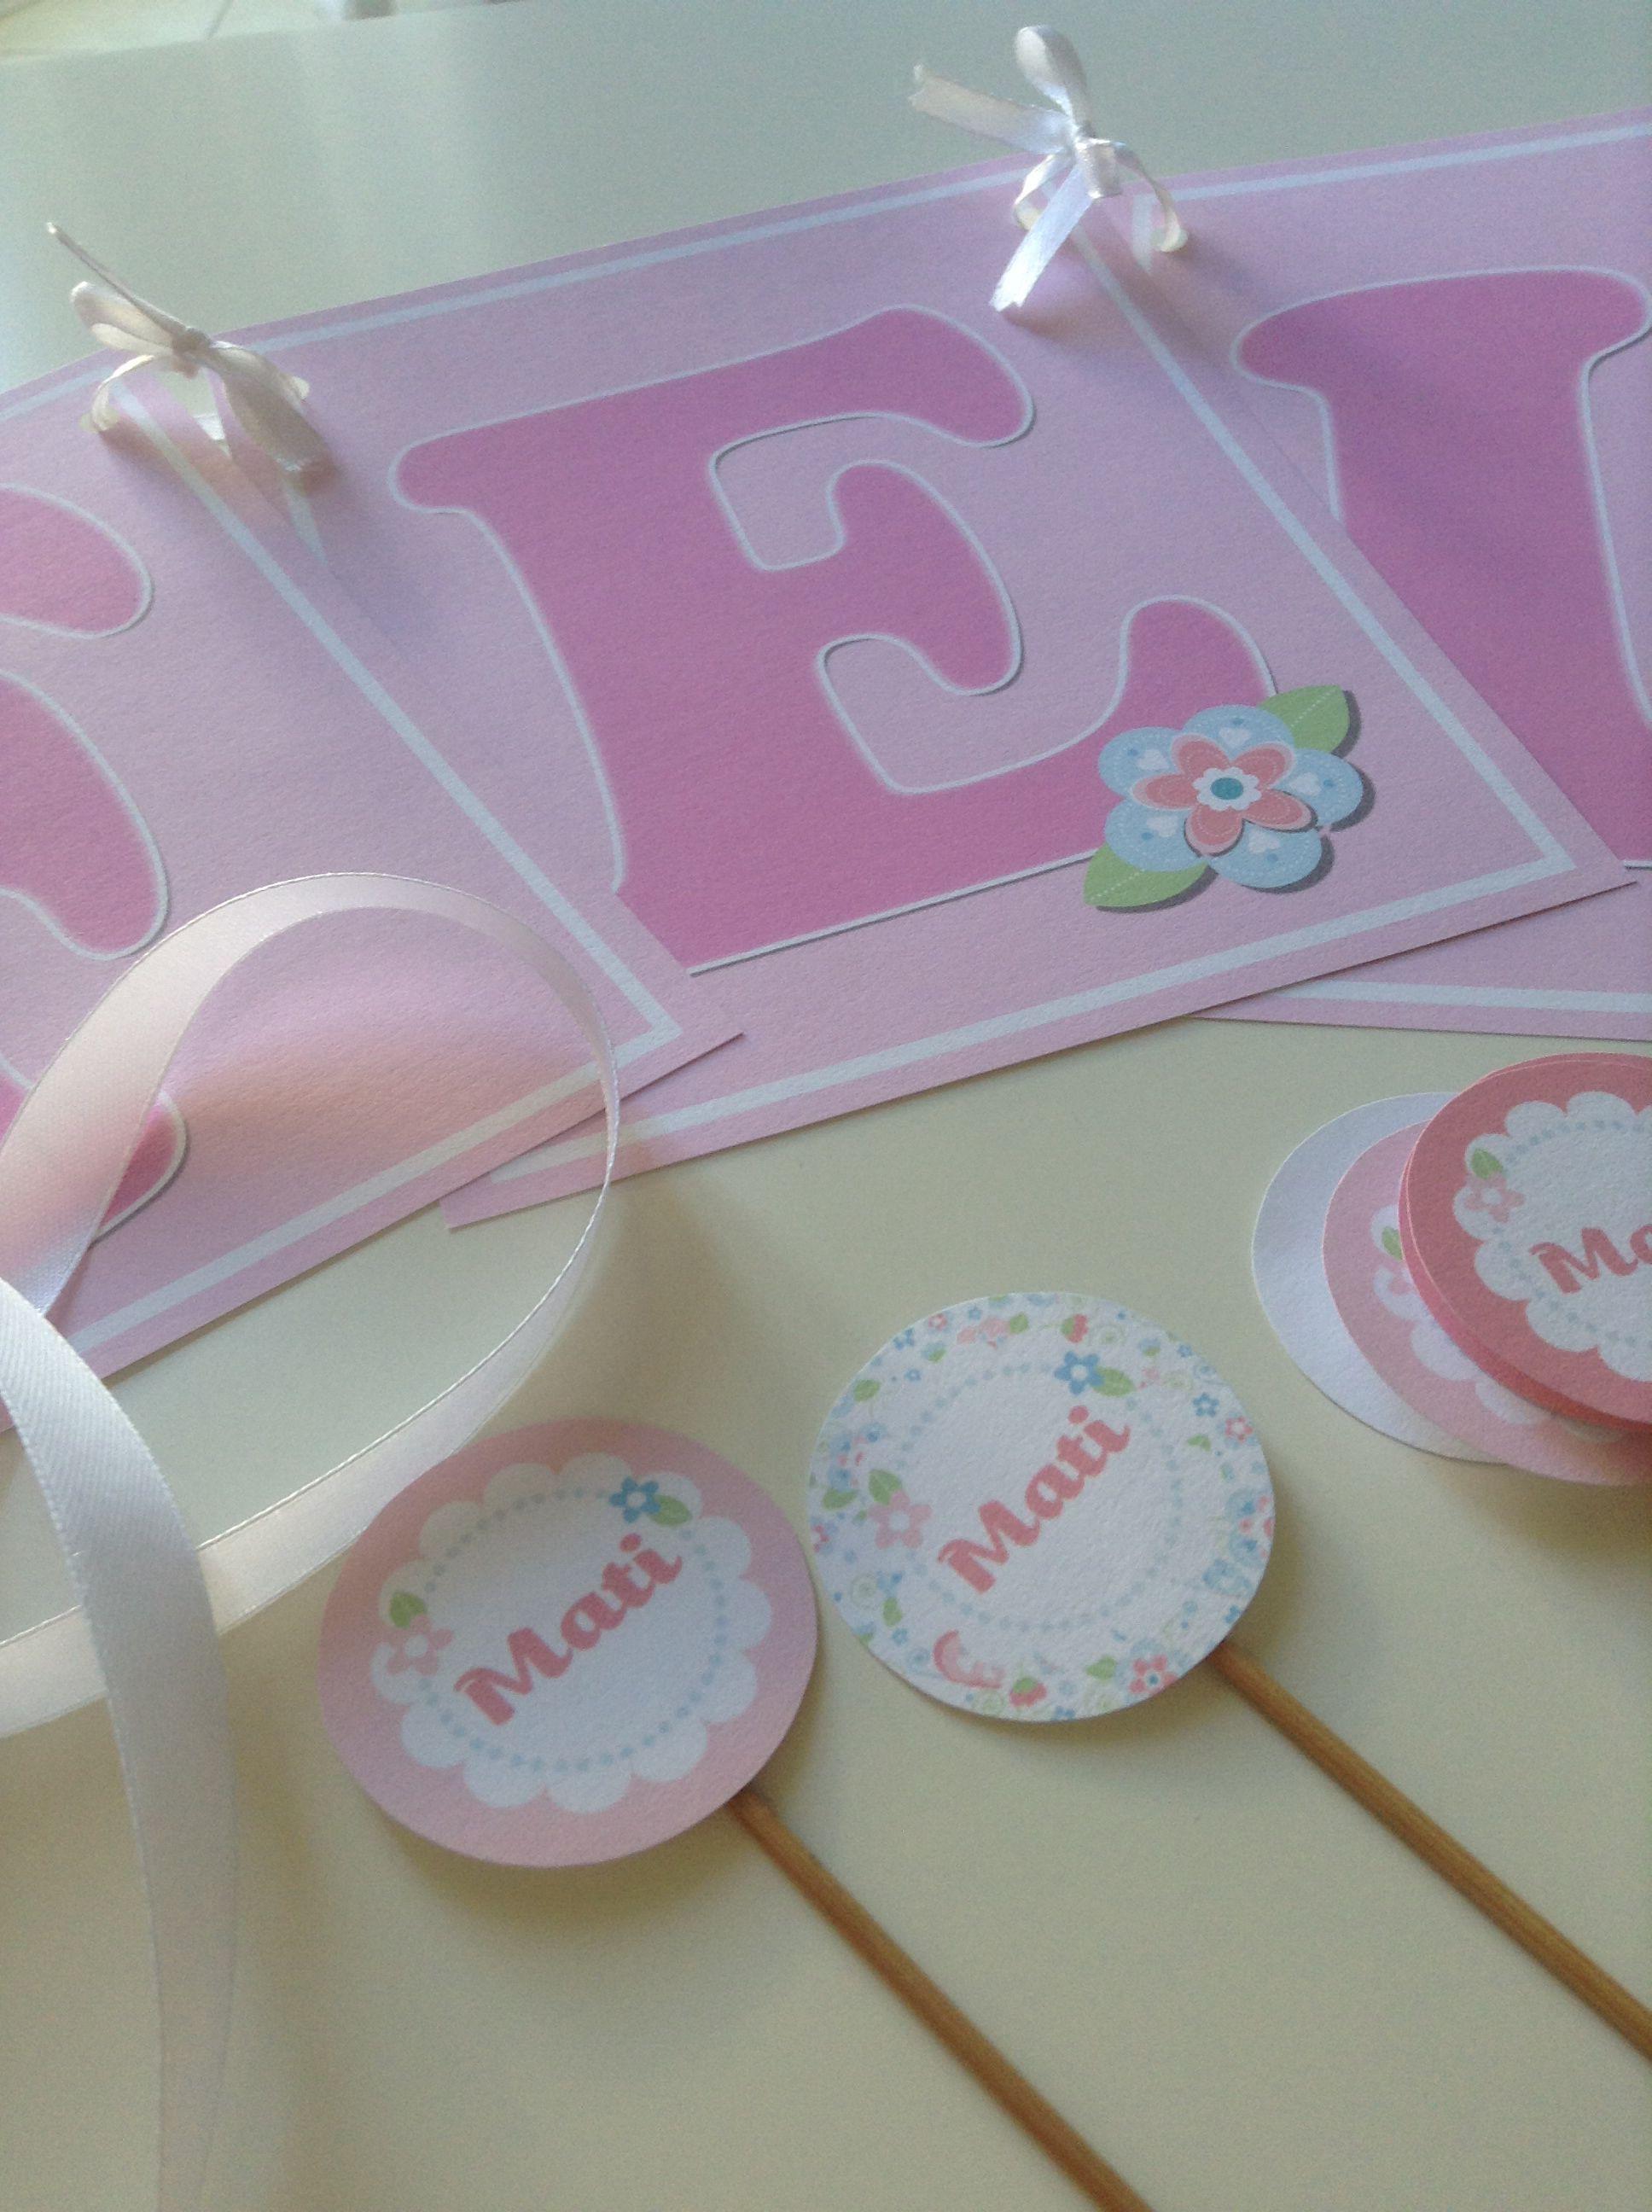 eventos gonzlvez juego de guirnalda y topper para decorar fiestas infantiles